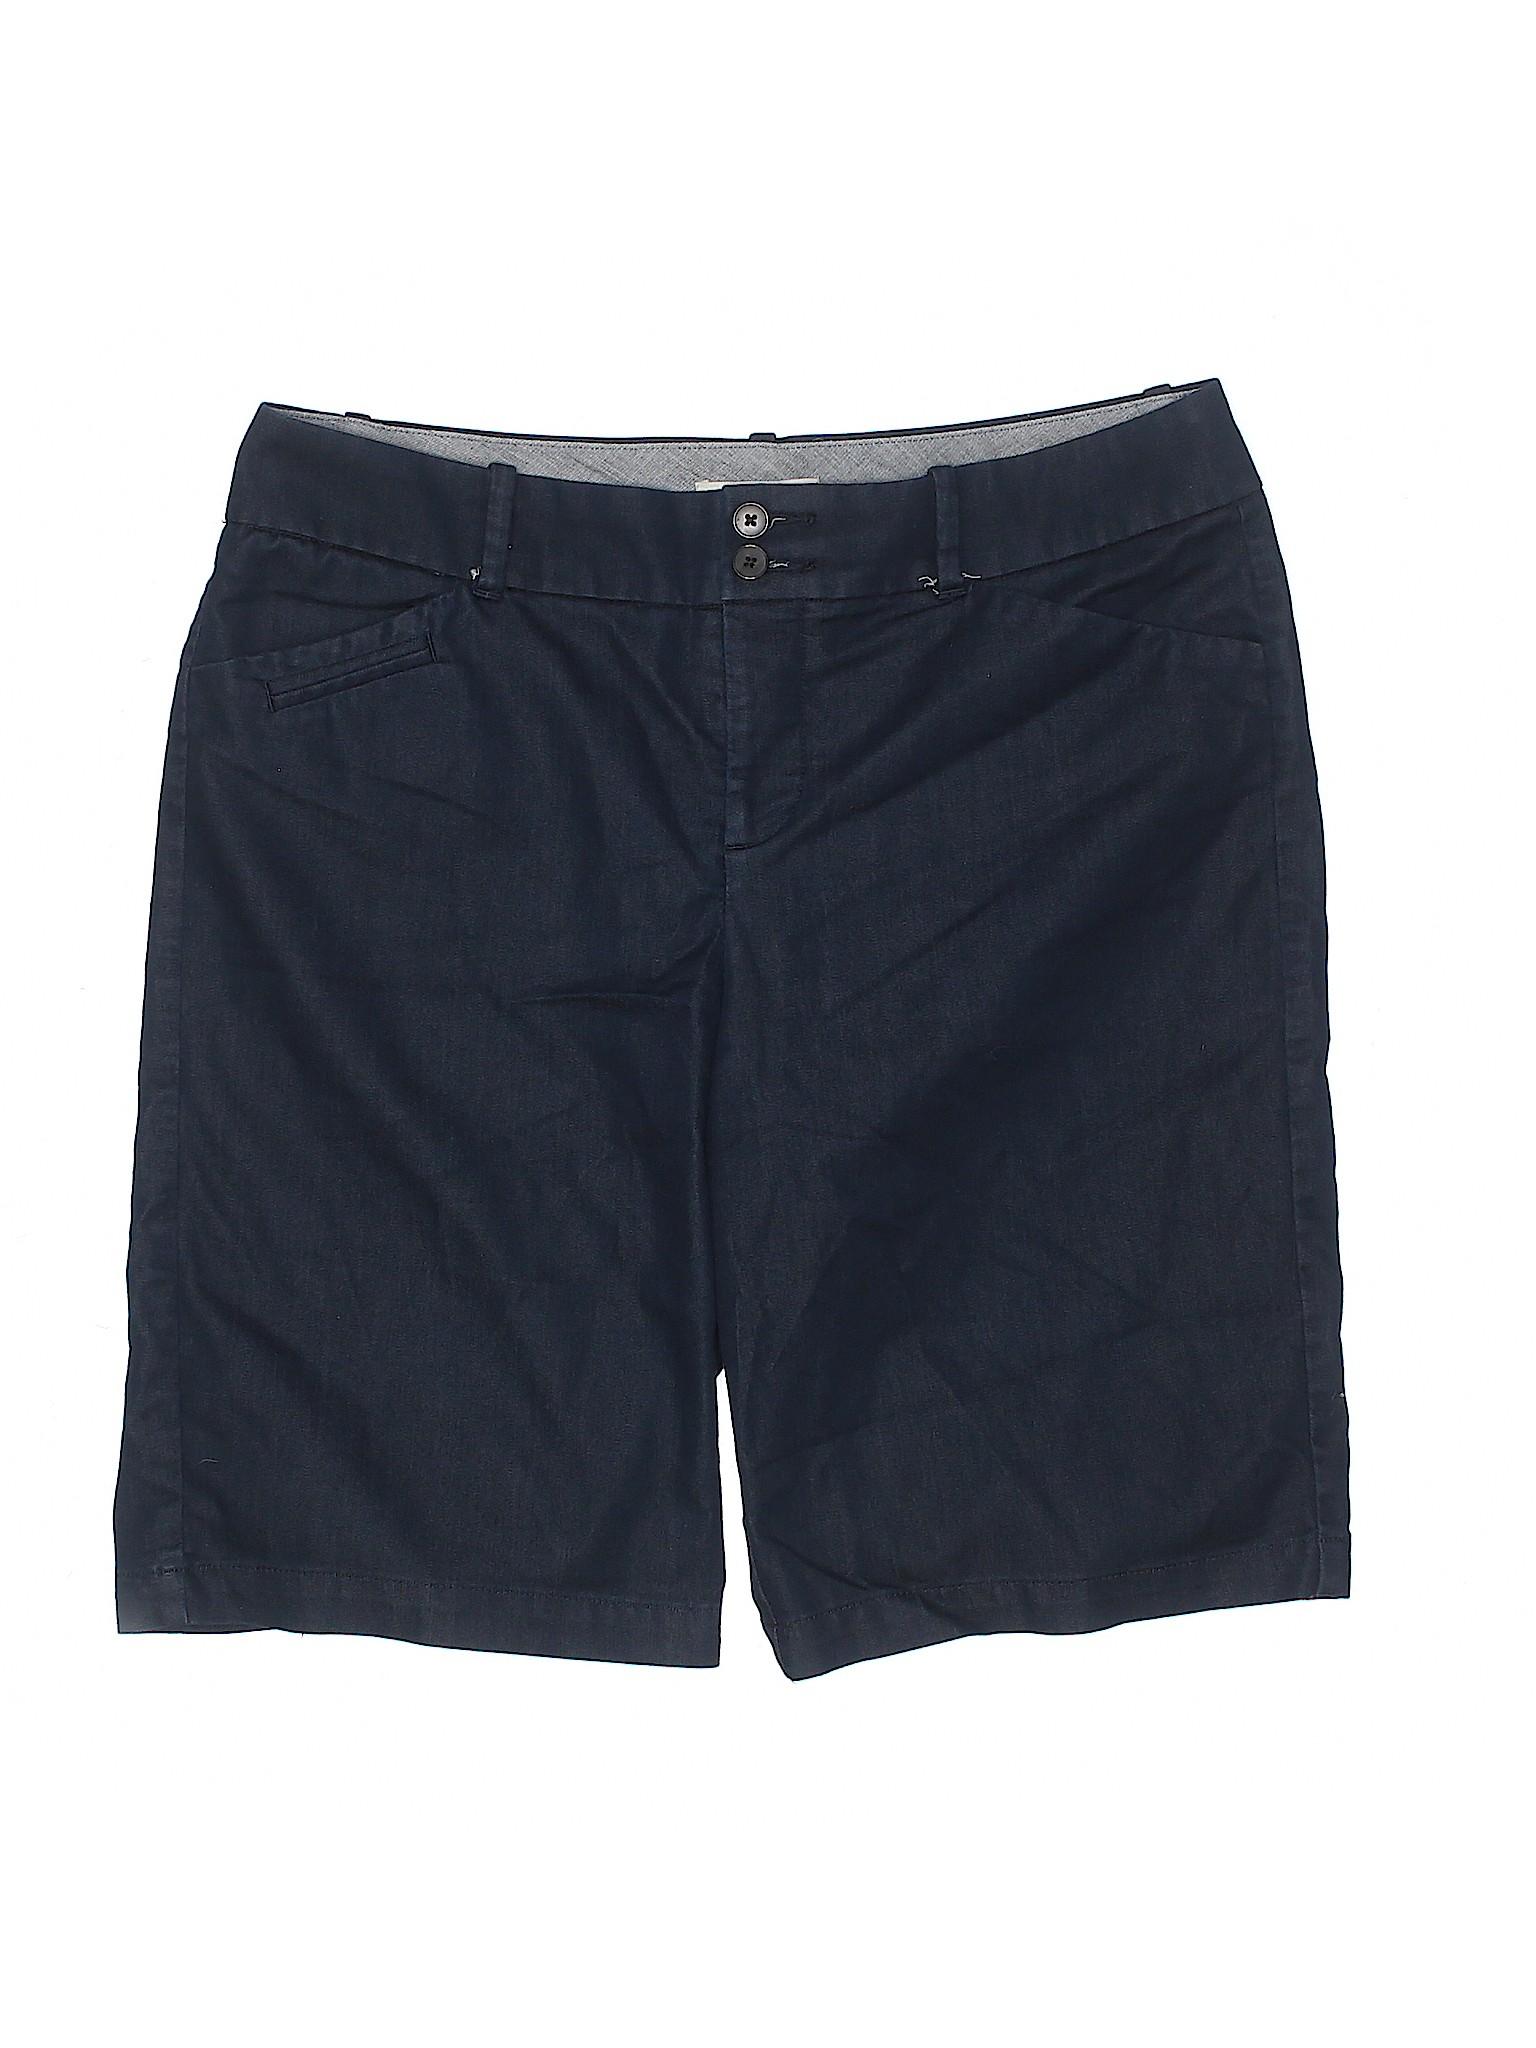 Shorts Dockers Dockers Denim Denim Boutique Shorts Dockers Boutique Denim Shorts Dockers Boutique Boutique Wt6OZvn